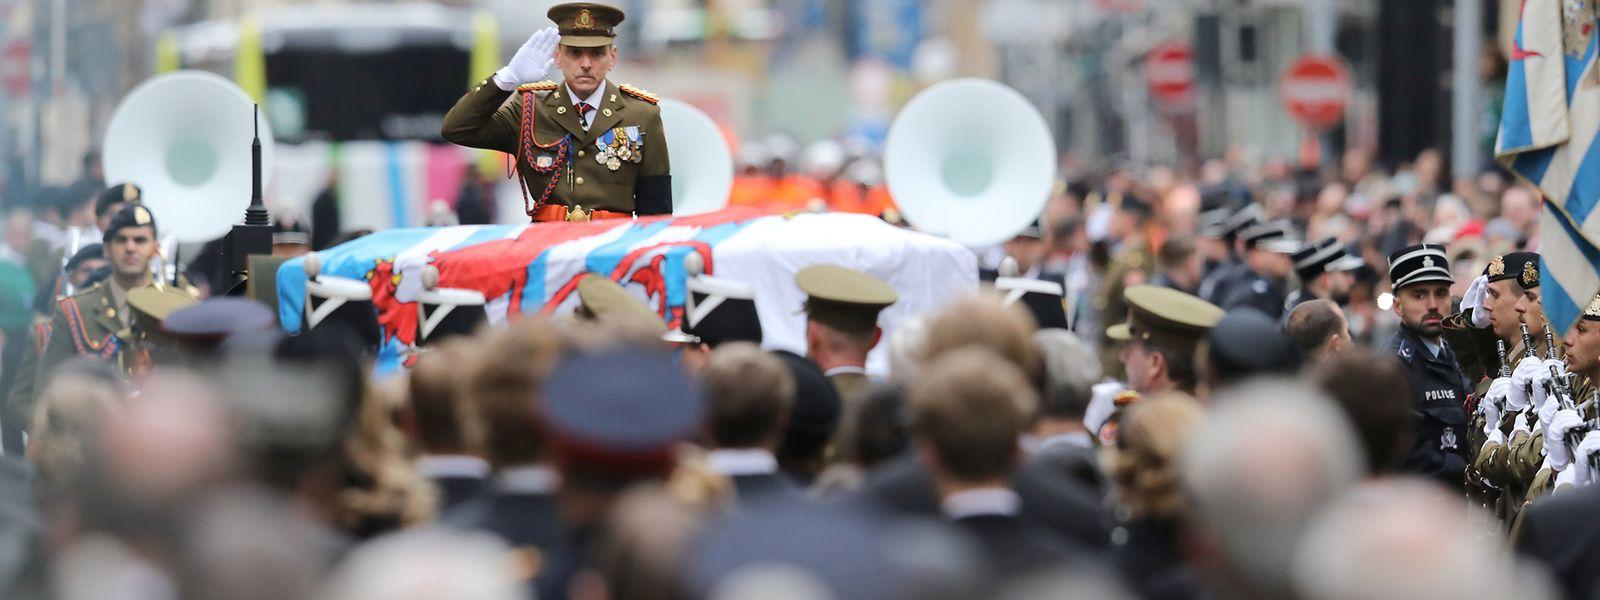 Letzter Salut für Großherzog Jean: Der Trauerzug mit dem Sarg des Monarchen kommt vor der Notre-Dame-Kathedrale an.